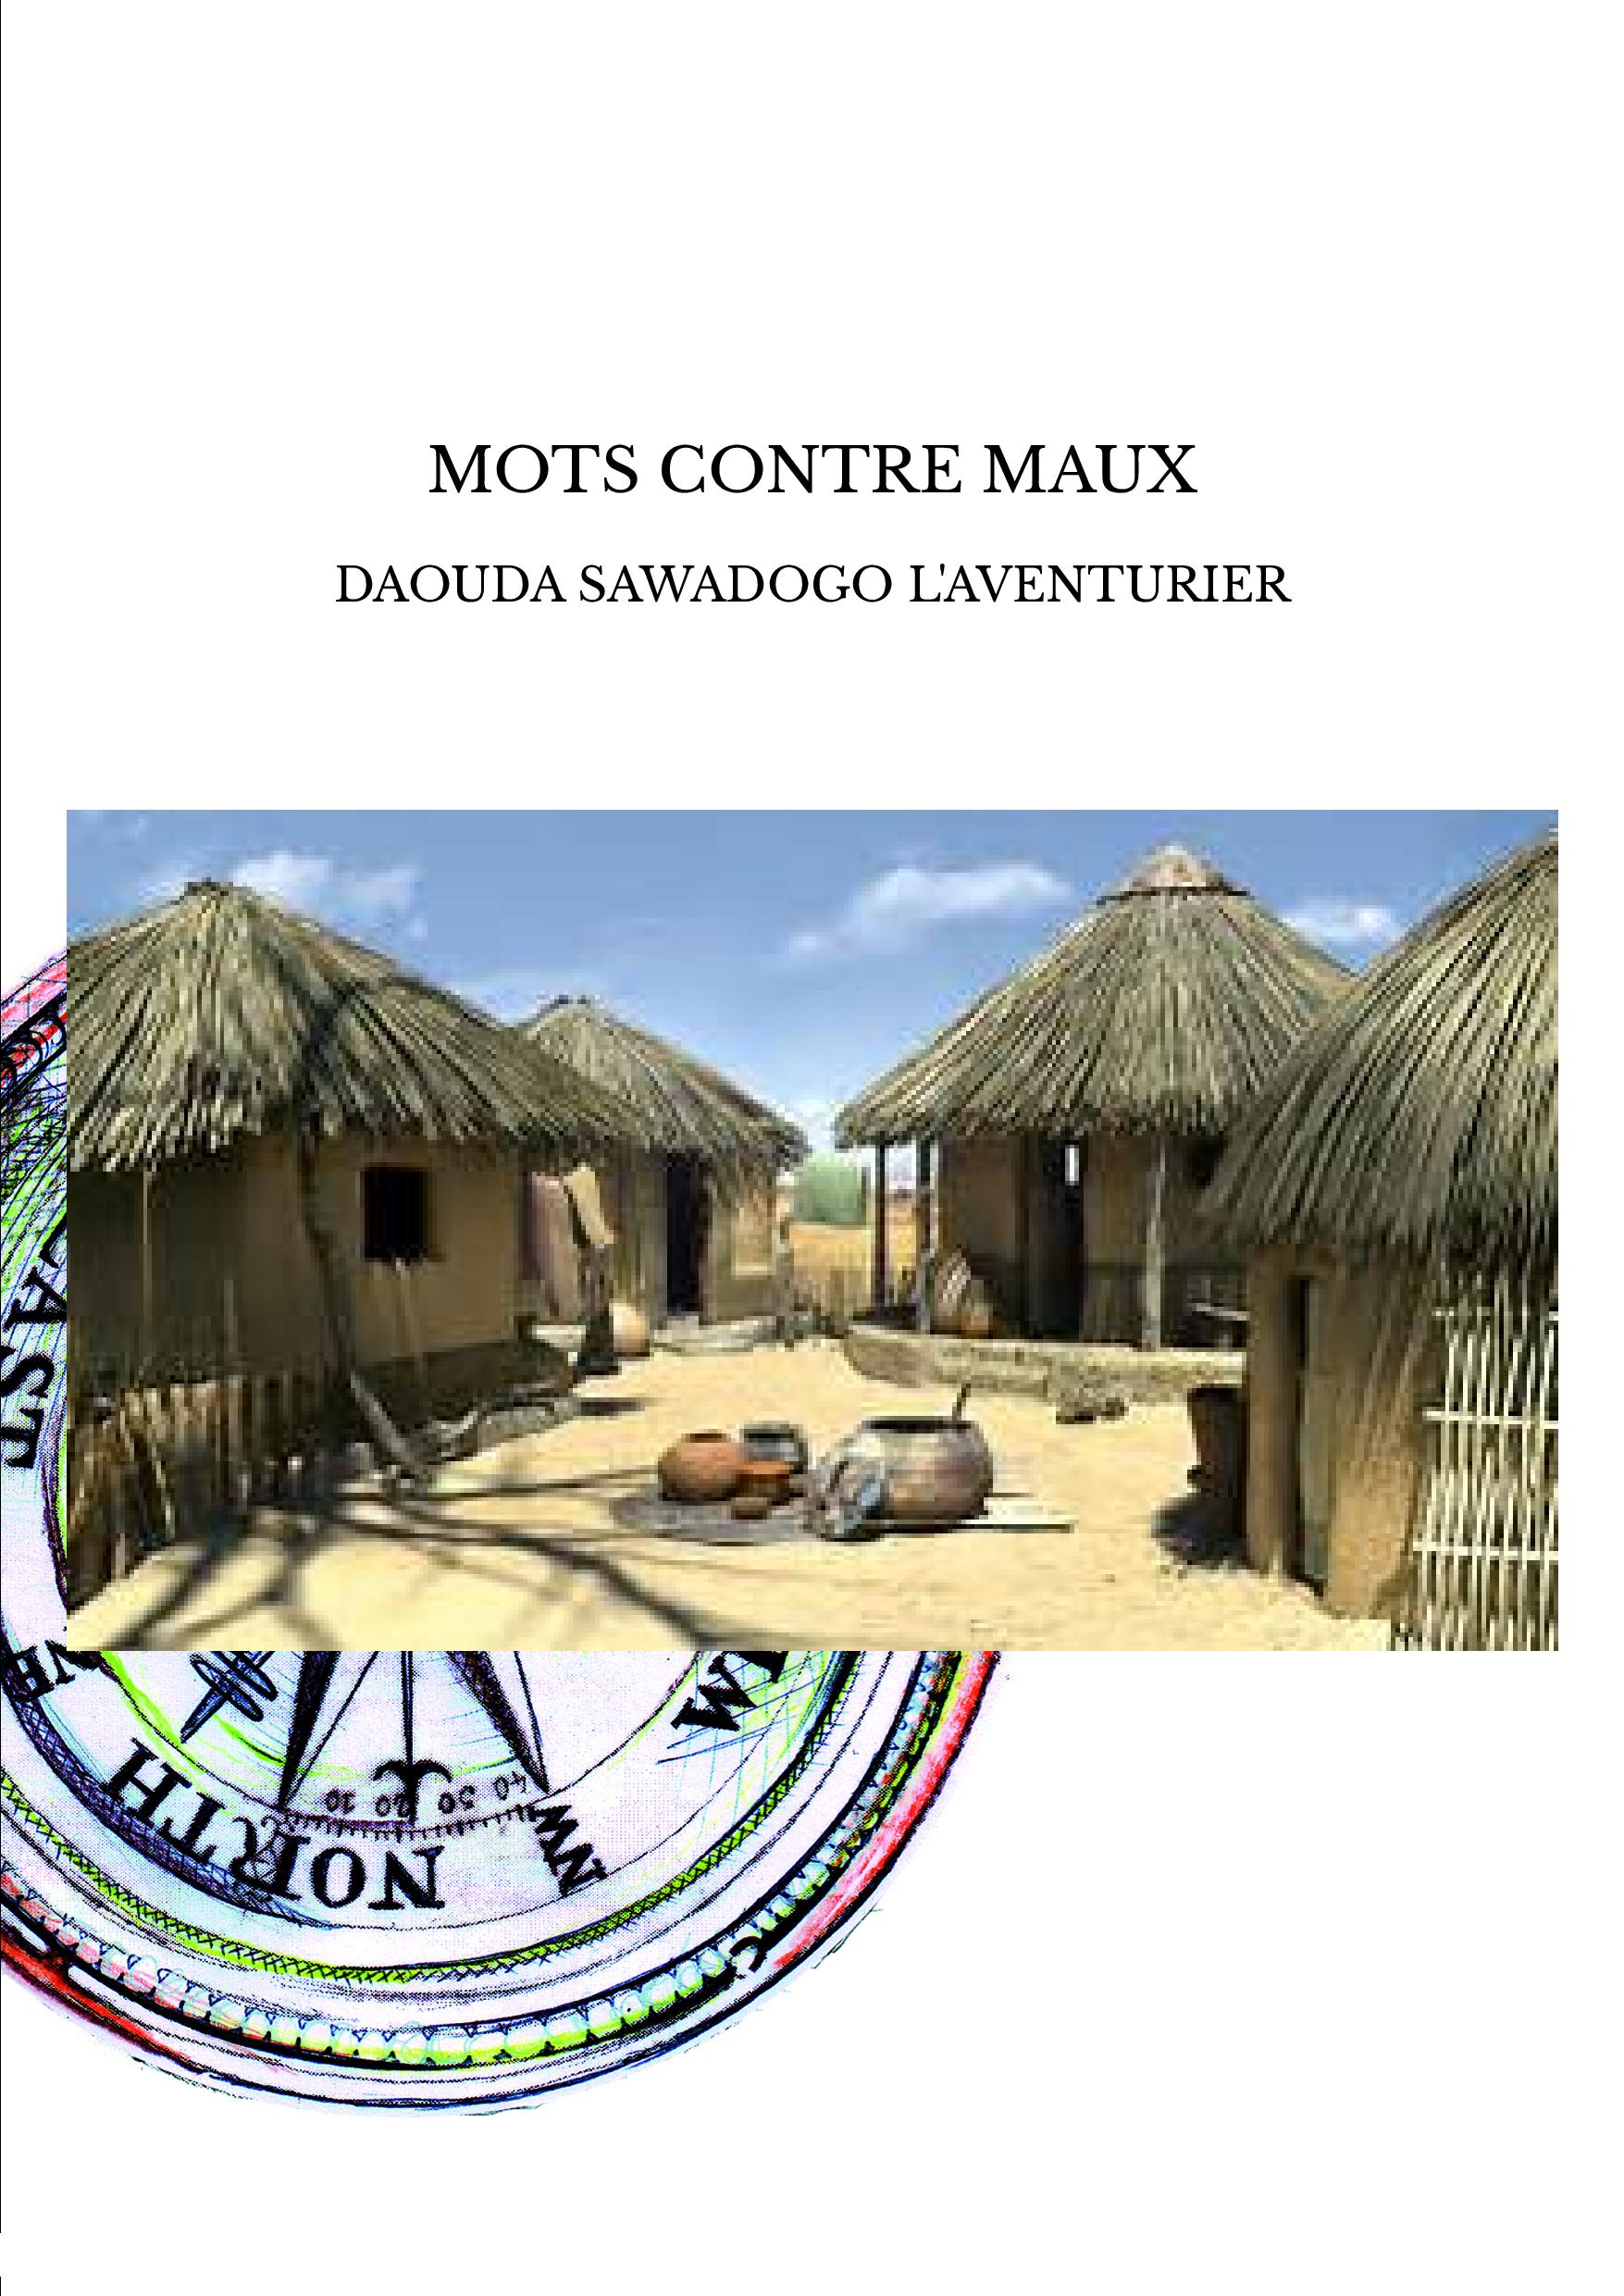 MOTS CONTRE MAUX